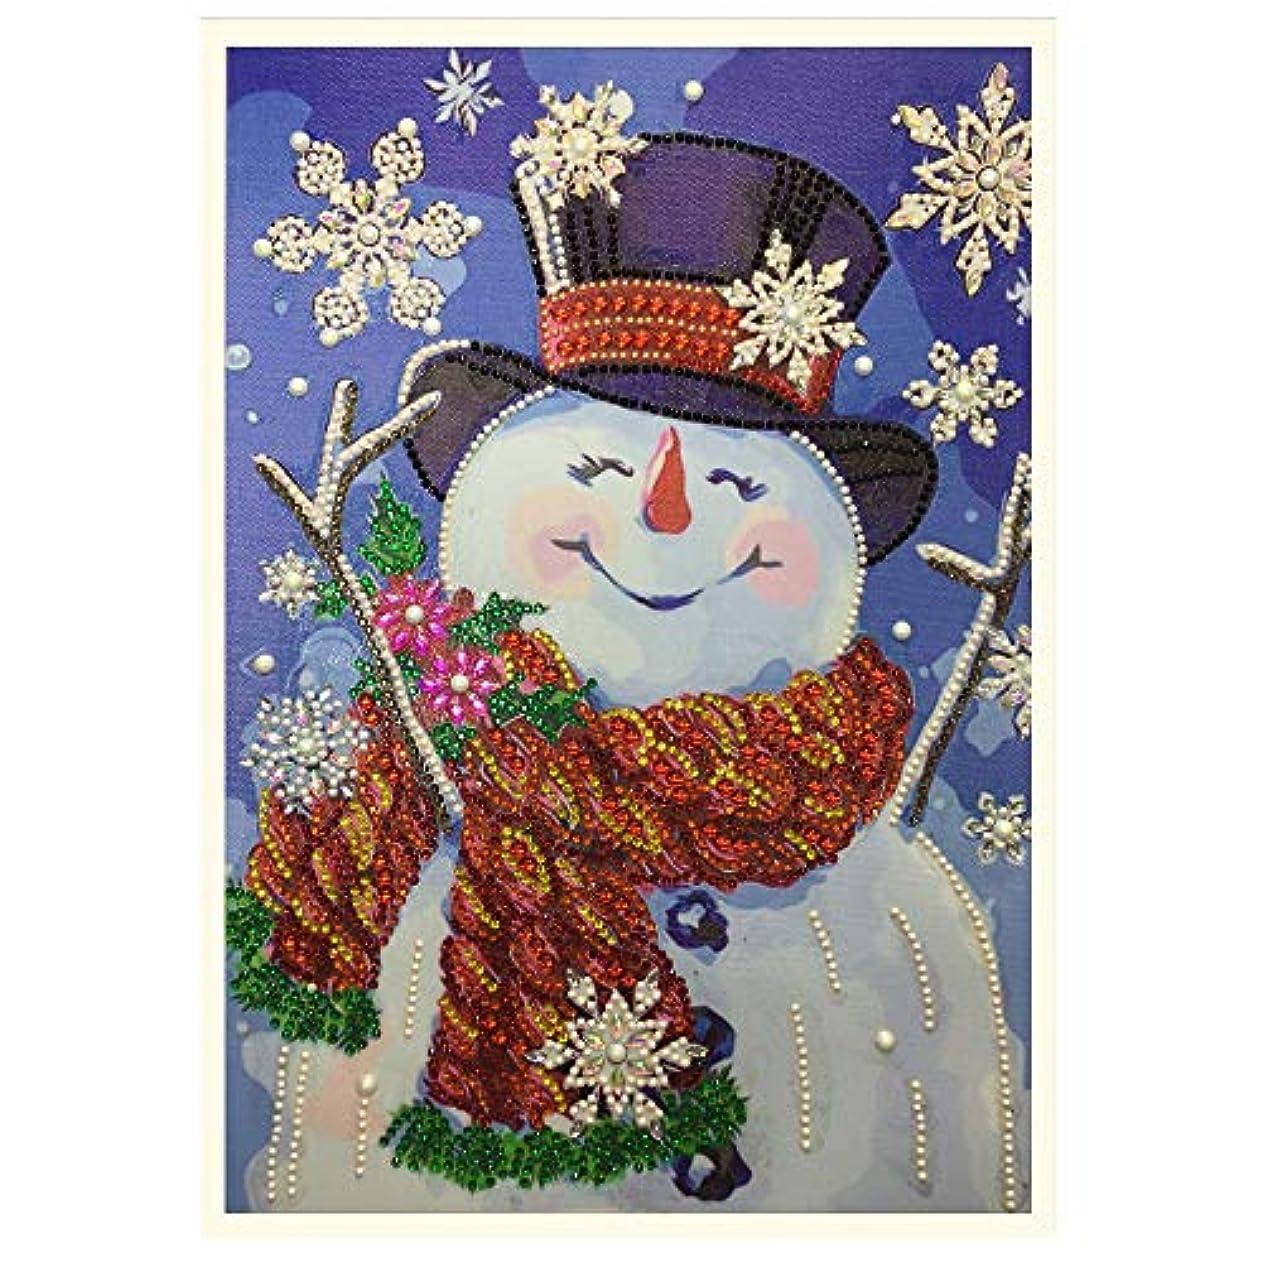 素朴なトムオードリース主要なDIY 手作りダイヤモンド絵画セット 、5Dダイヤモンドペインティング雪だるまインテリア プレゼント ホーム レストラン 壁掛け 装飾30*40CM (マルチカラー)